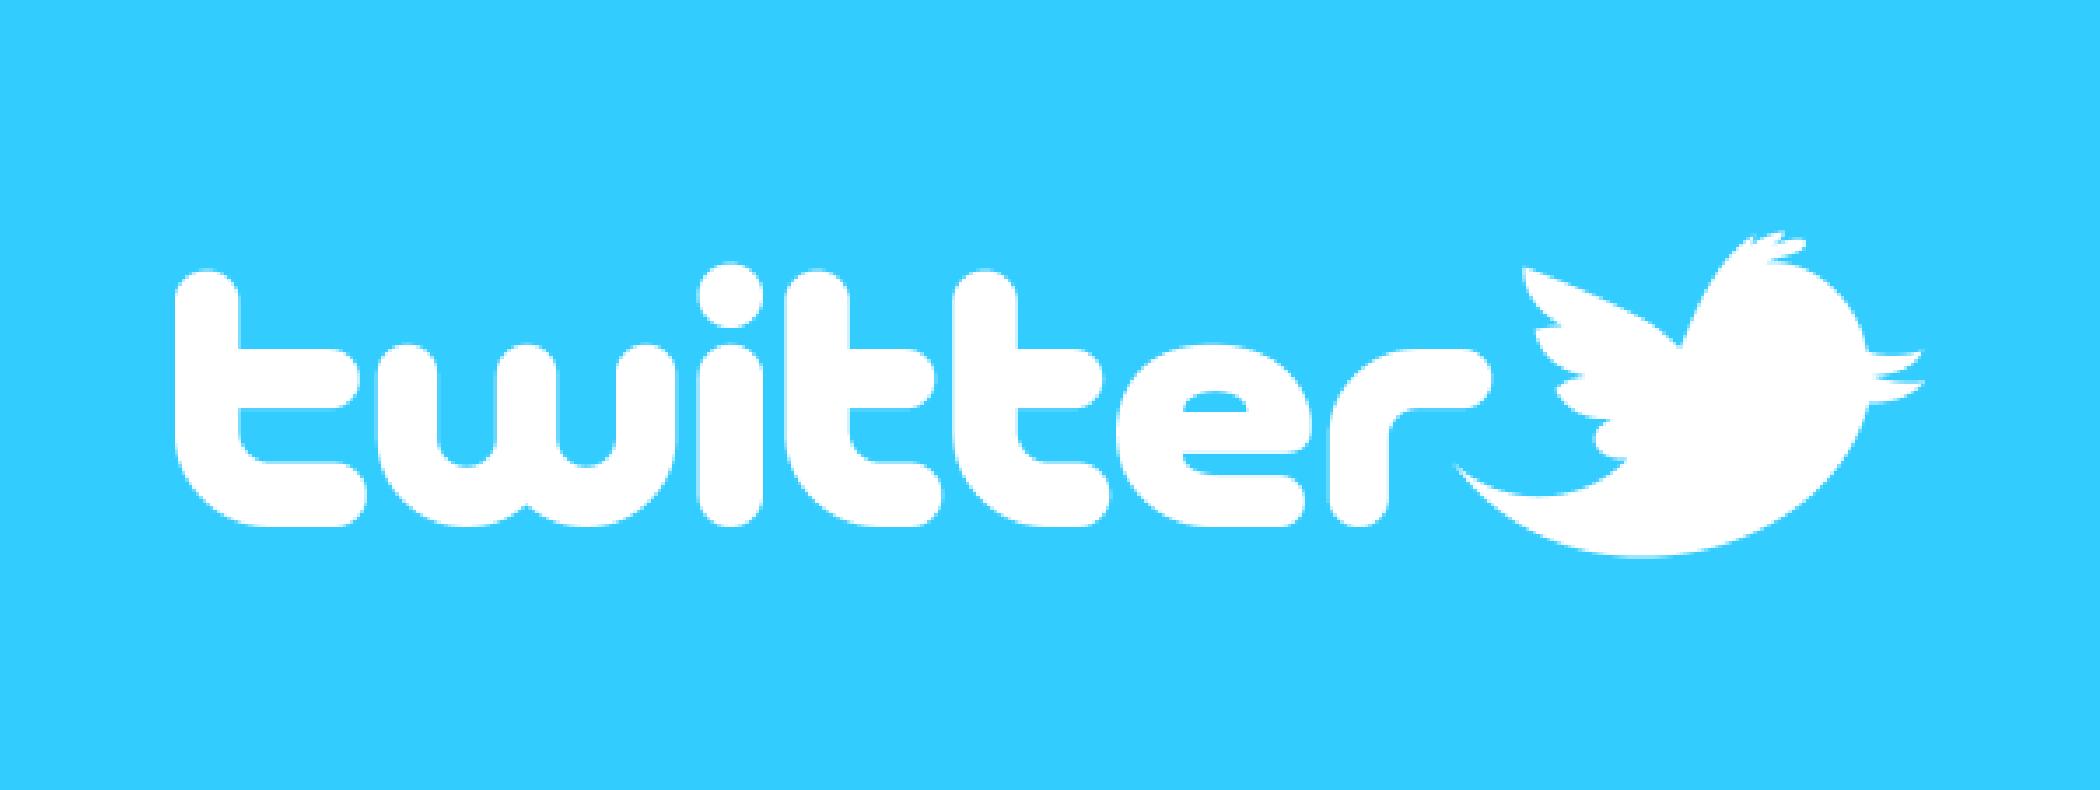 новый исследовательский центр твиттер в Индии